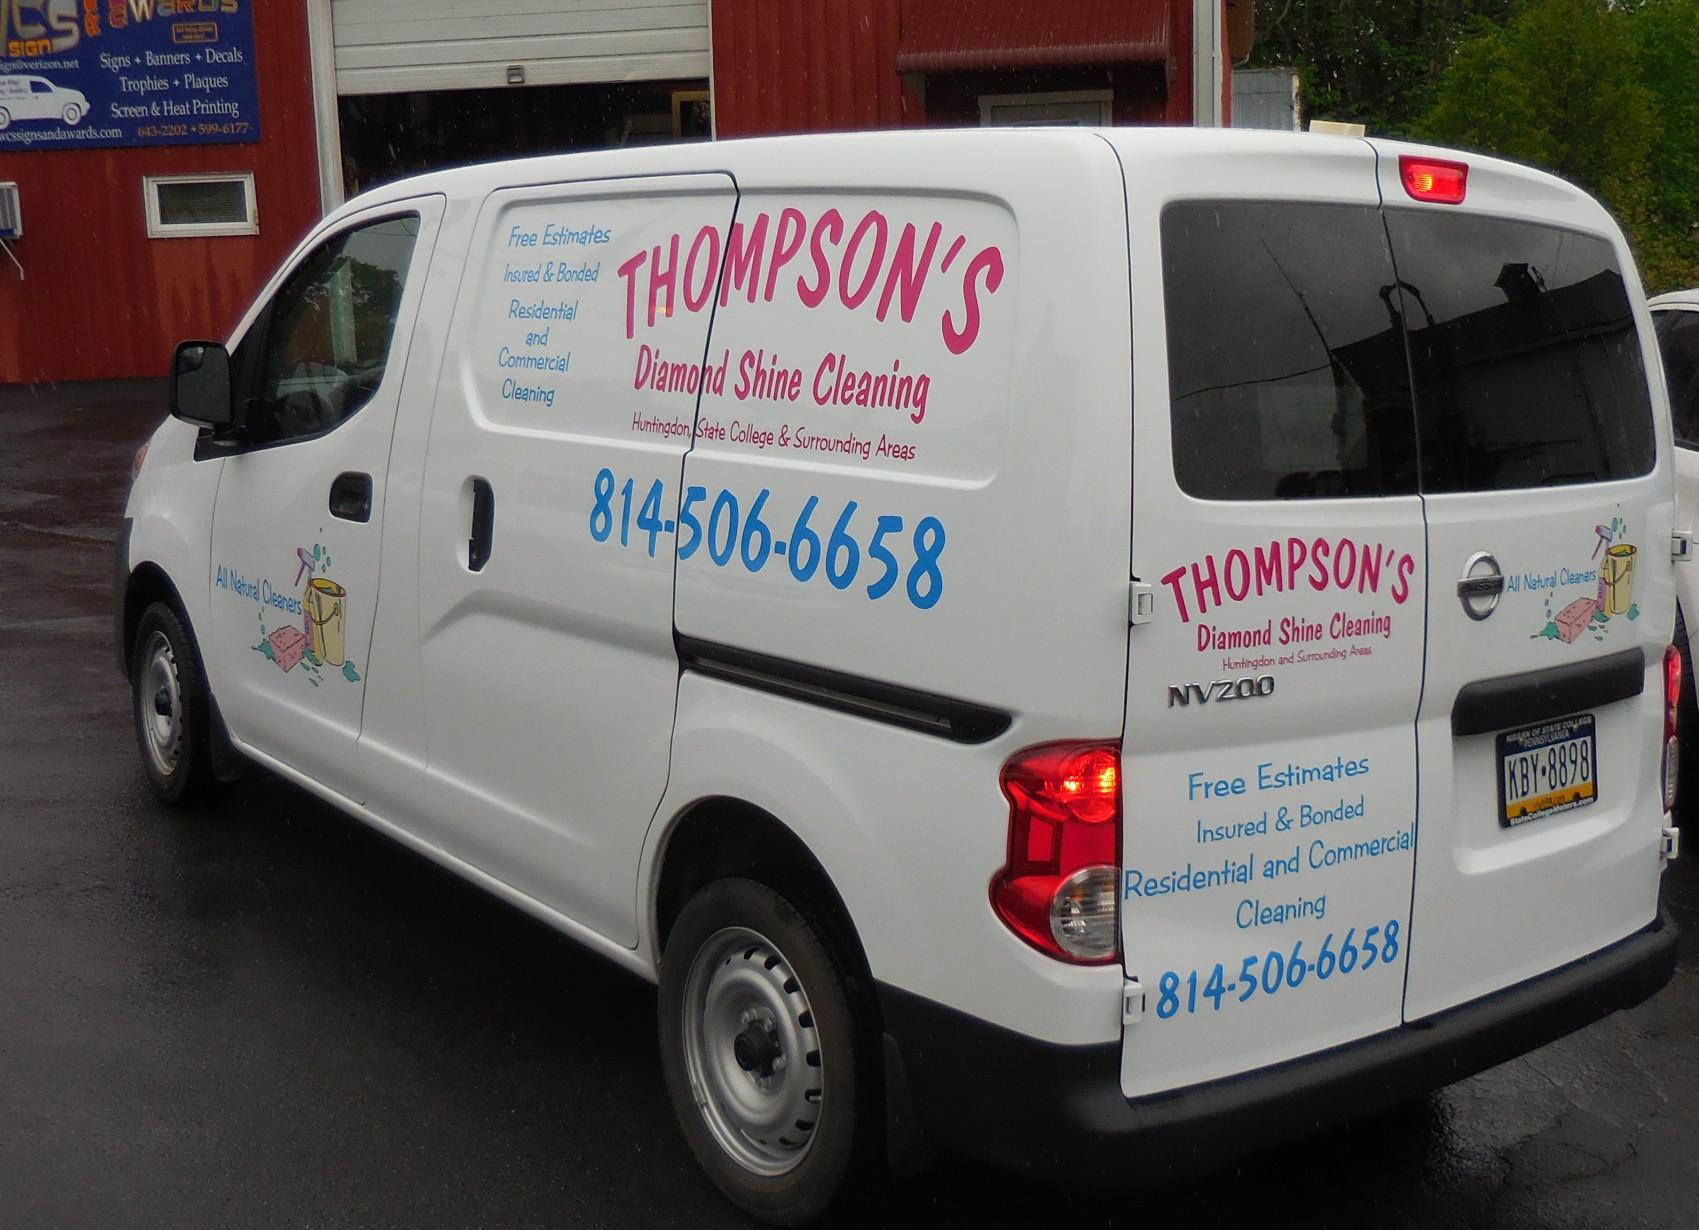 Thompson's